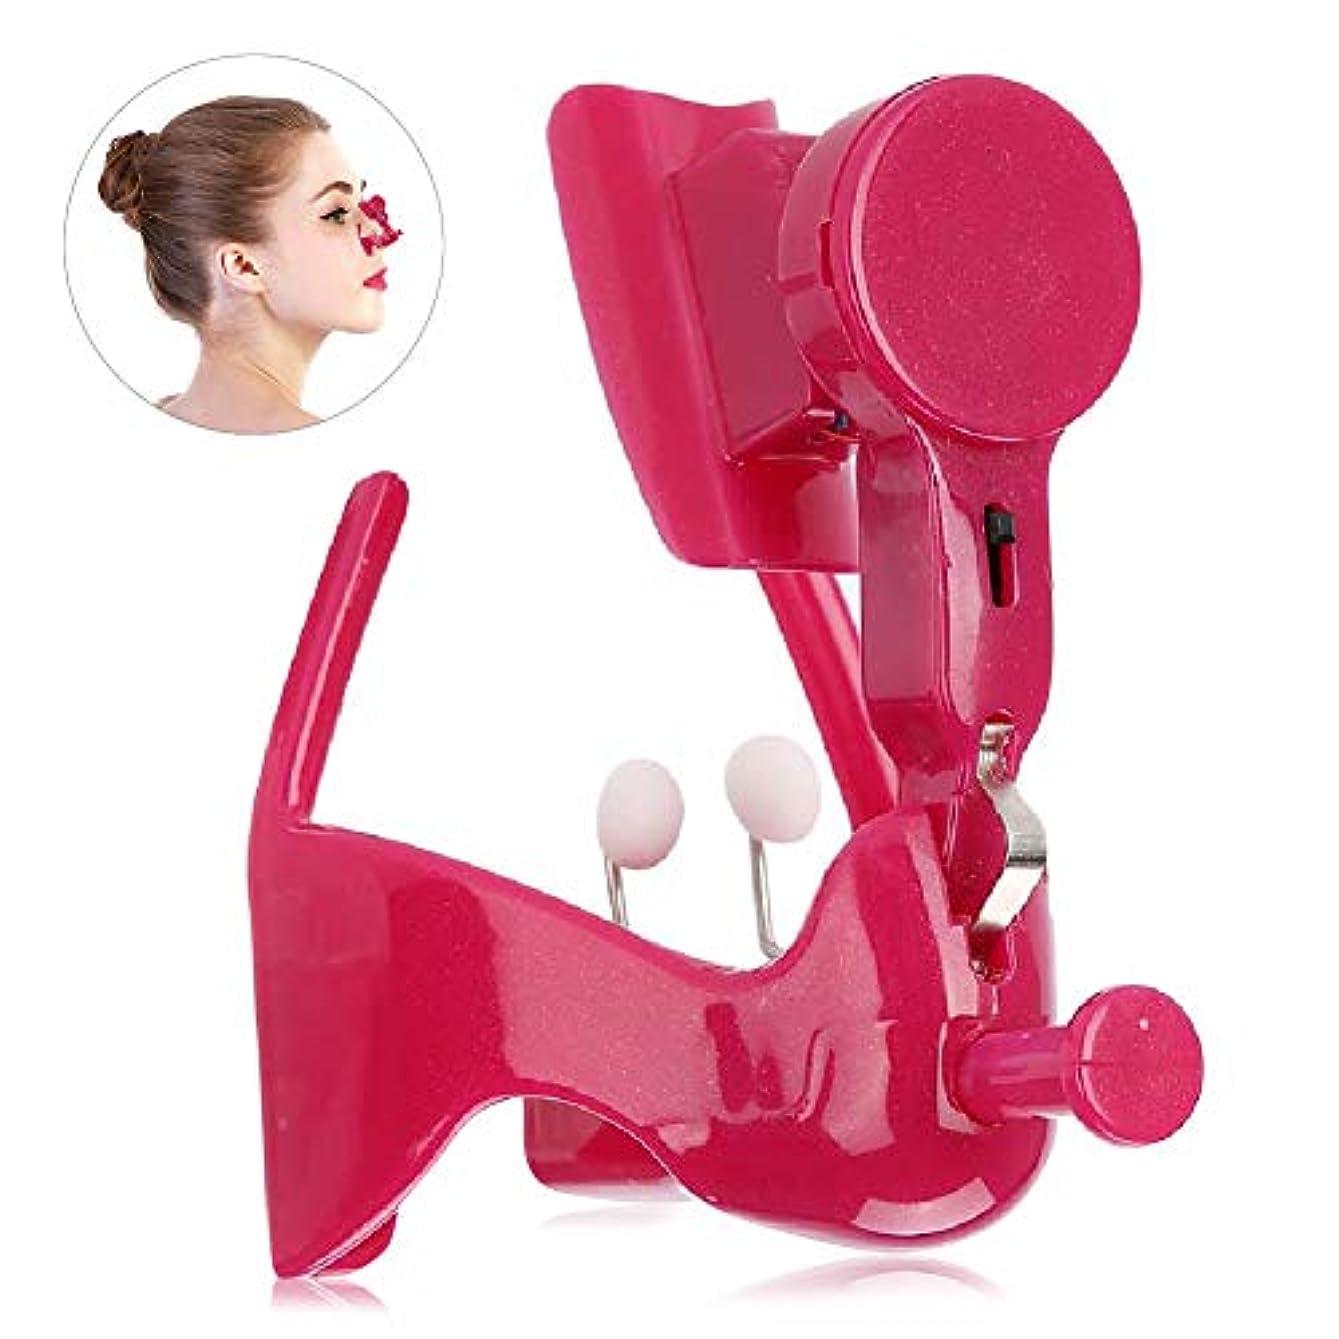 コントラストポータルマイルストーン鼻を持ち上げて電気クリップ、鼻整形マッサージブリッジ矯正バイブレーターリフター鼻美容ツール